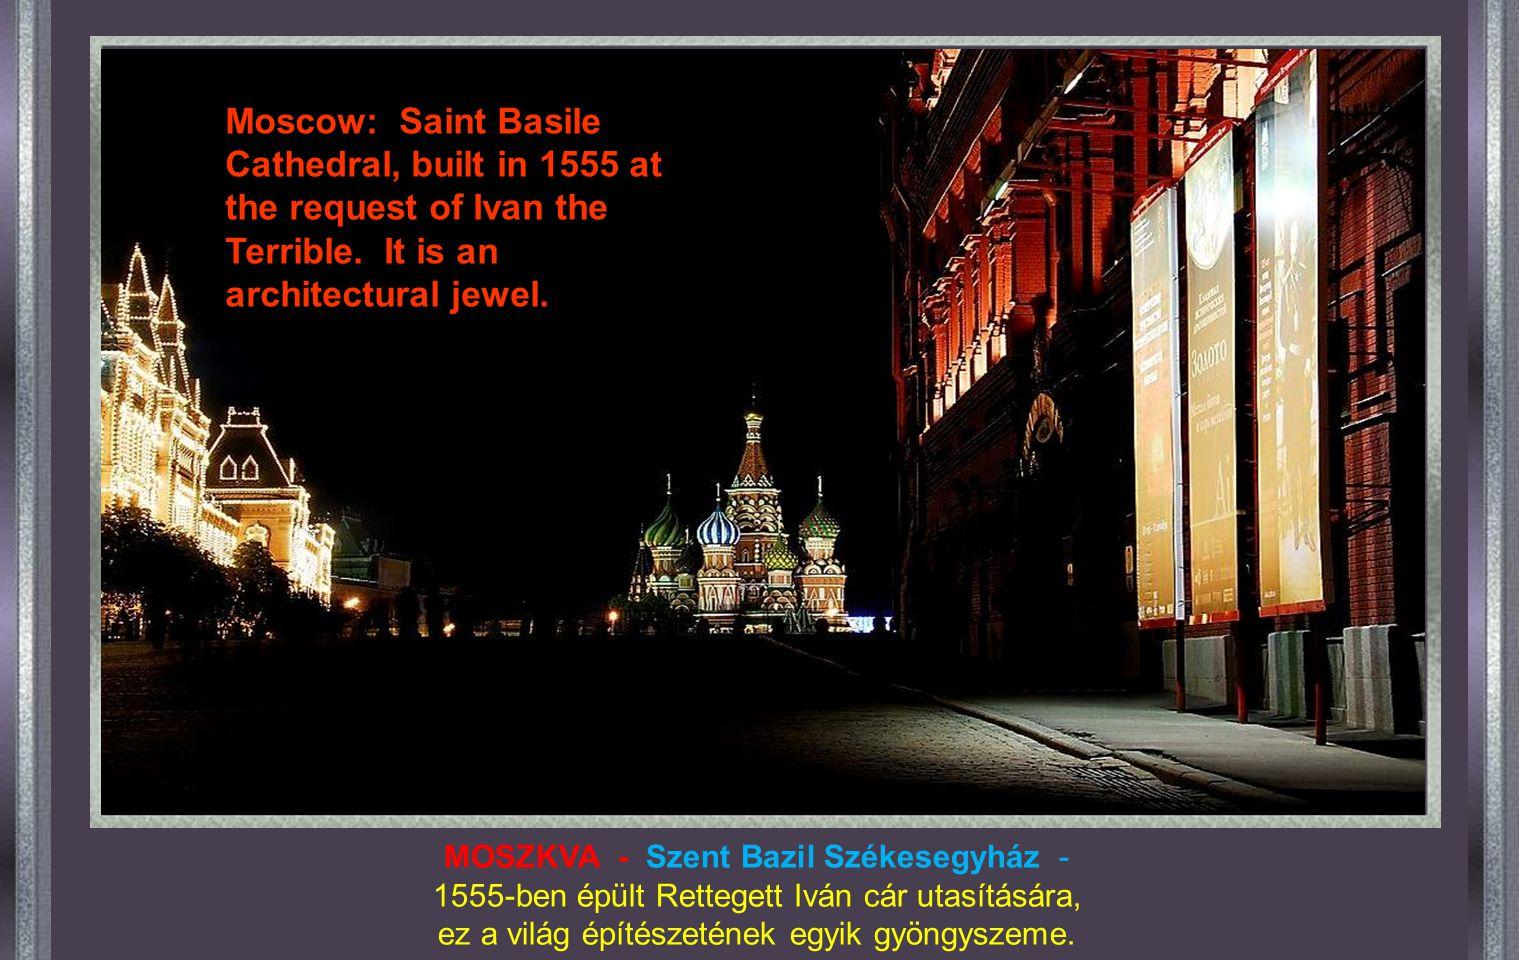 KRISZTUS FELTÁMADÁSA Templom A Szovjet Unió alatti időszakban jelentős károsodásokat szenvedett. Az orosz forradalom után, raktárnak használták. 30 év